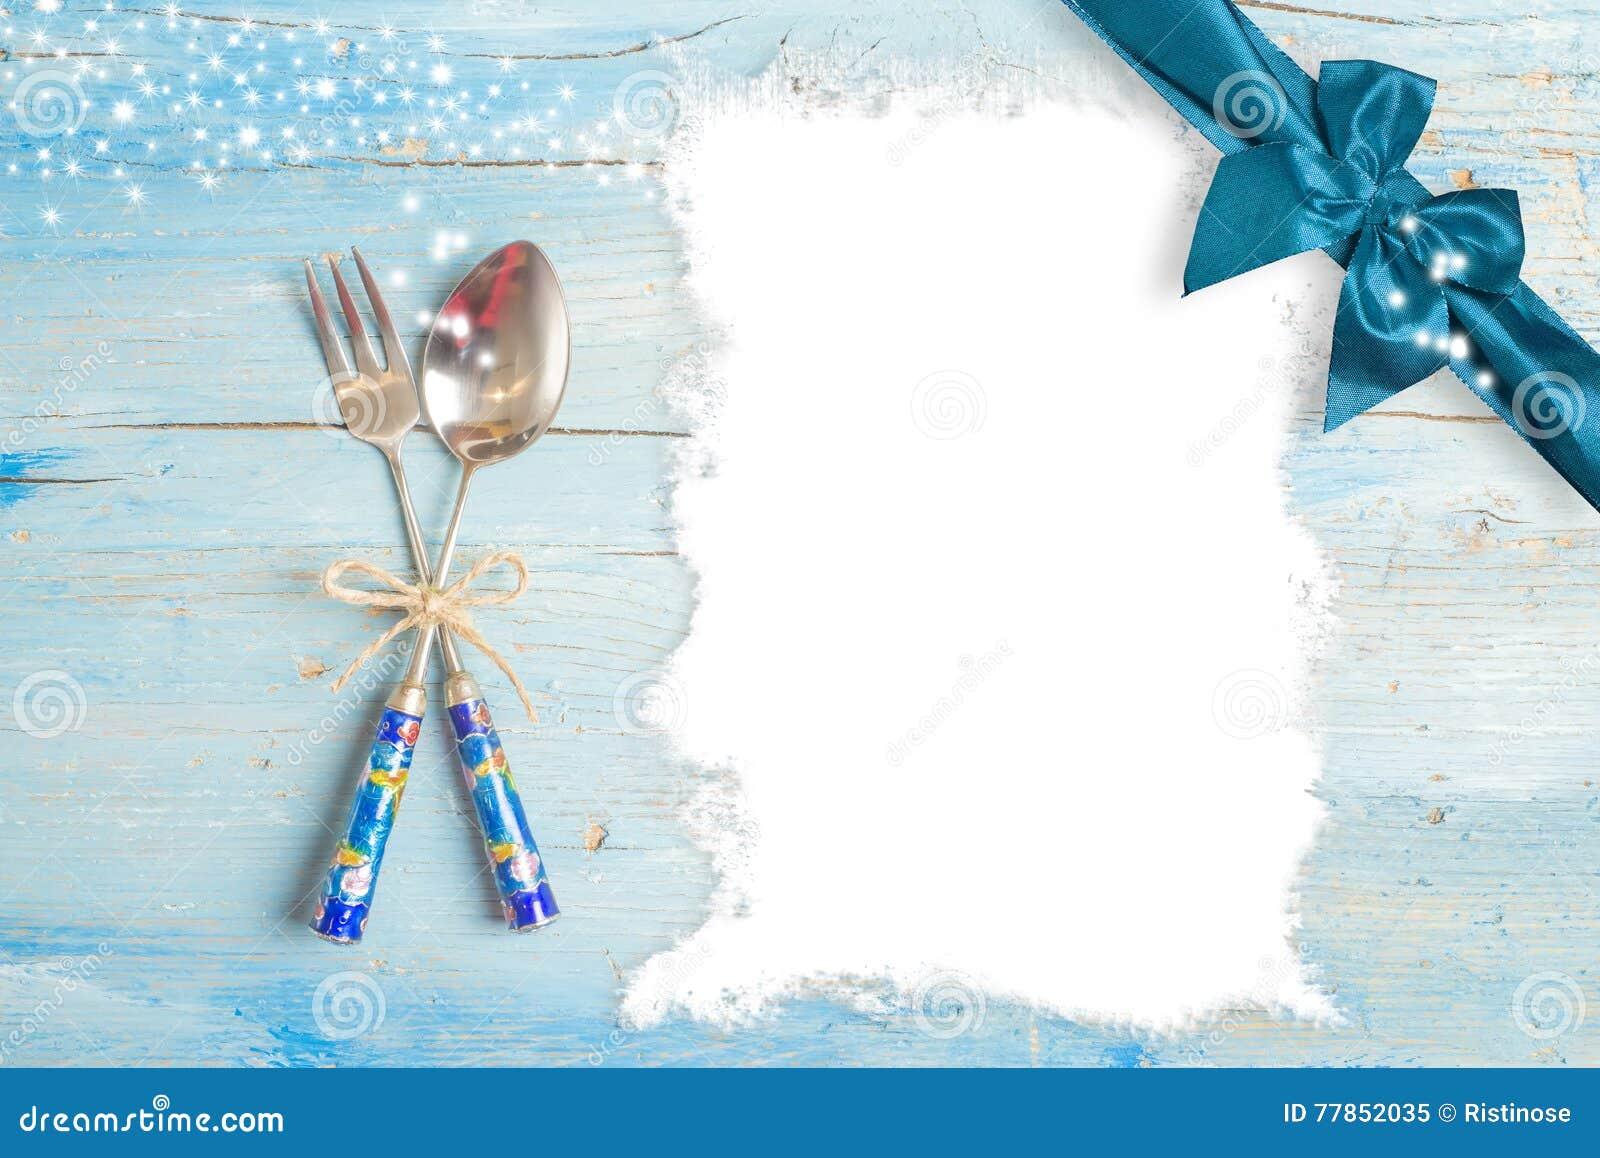 Fondo Del Menú De La Navidad Imagen de archivo - Imagen de ...